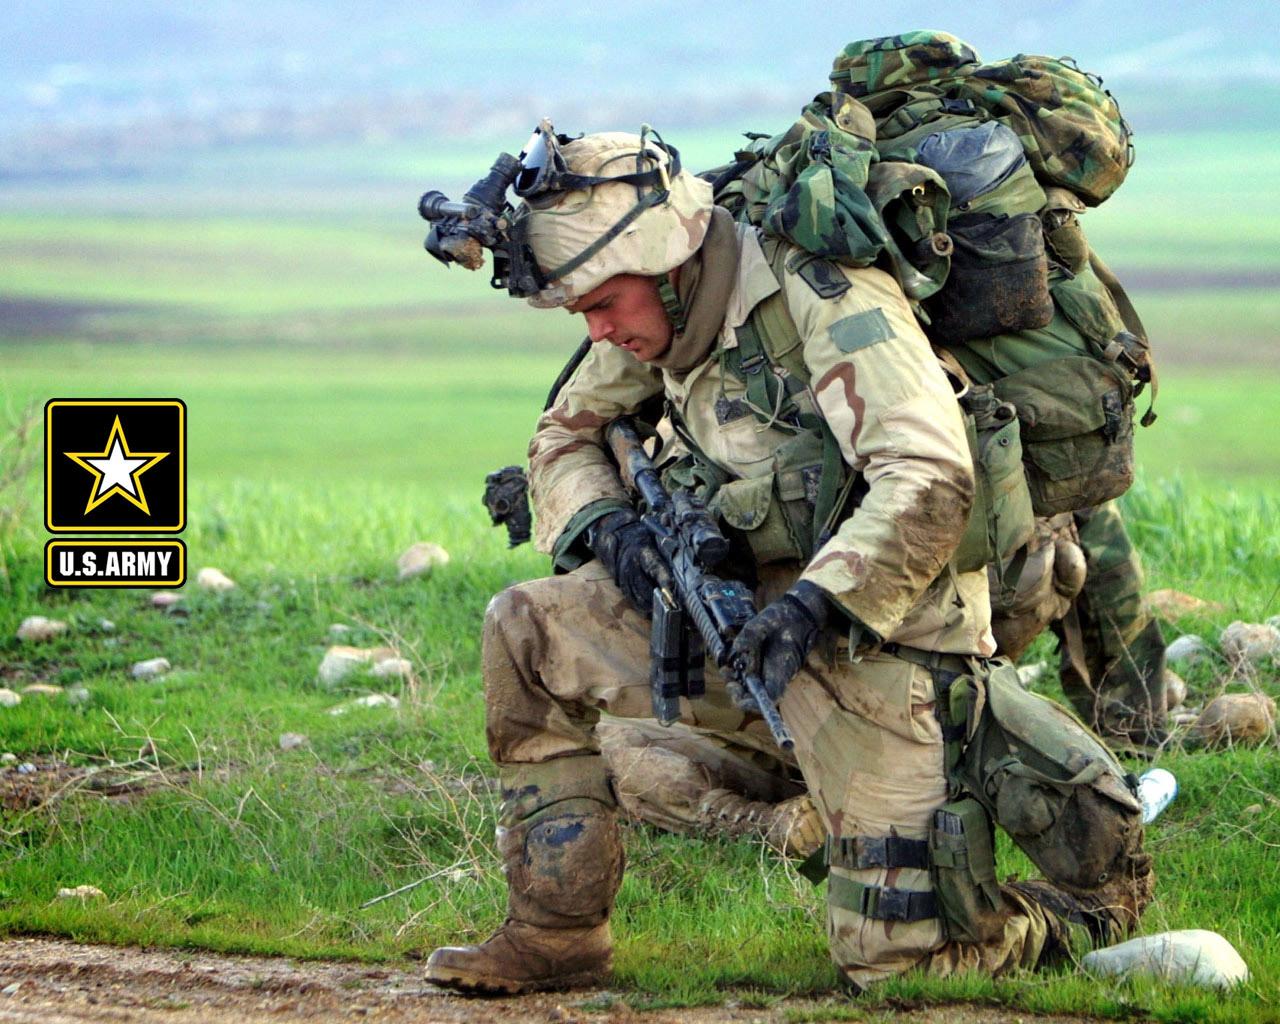 обои для рабочего стола, американский солдат, american US soldier wallpaper, американская армия